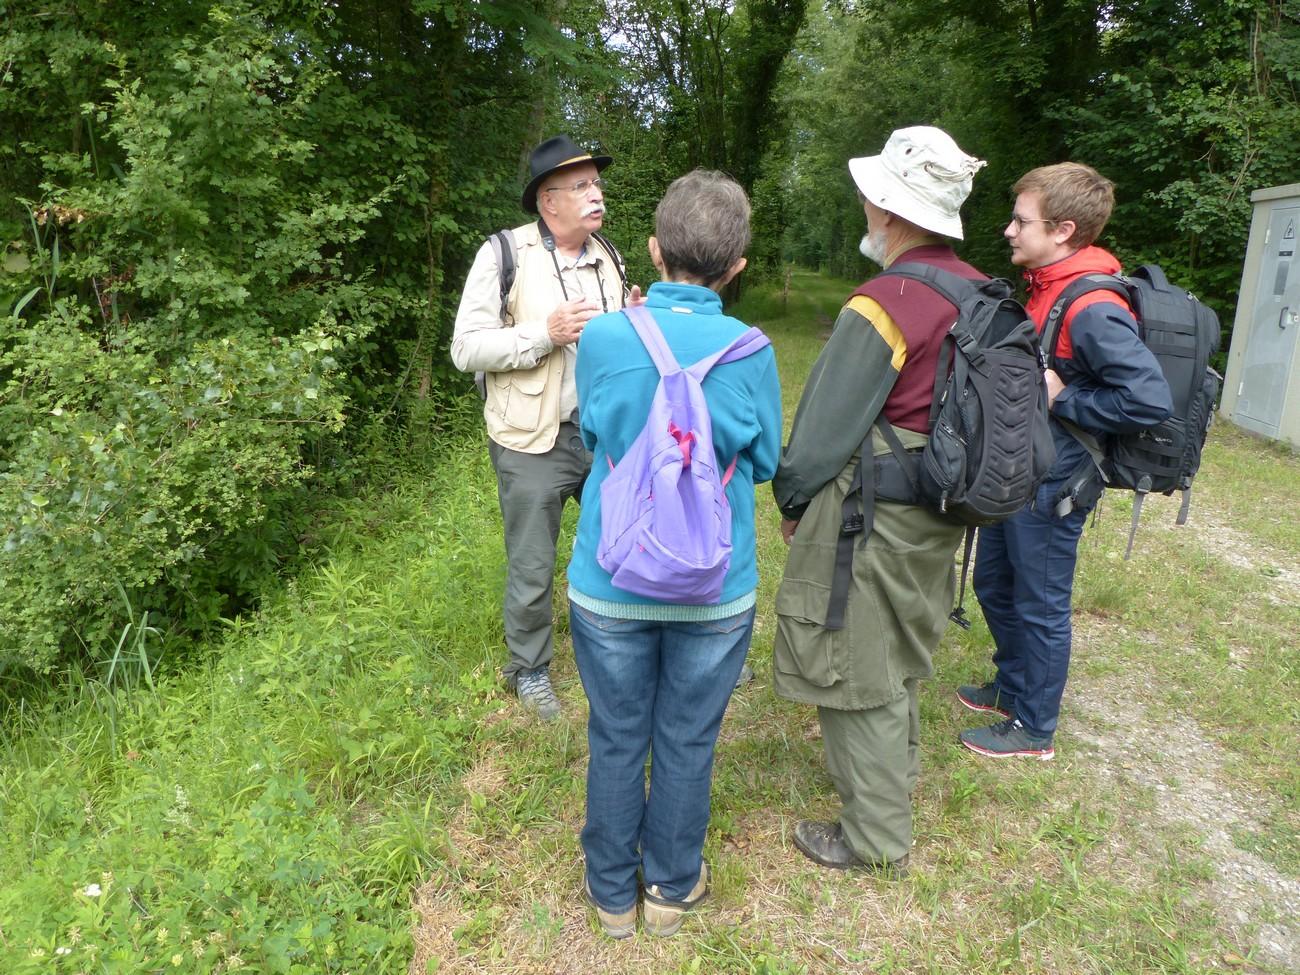 Alsace écotourisme - Quand la nature communique